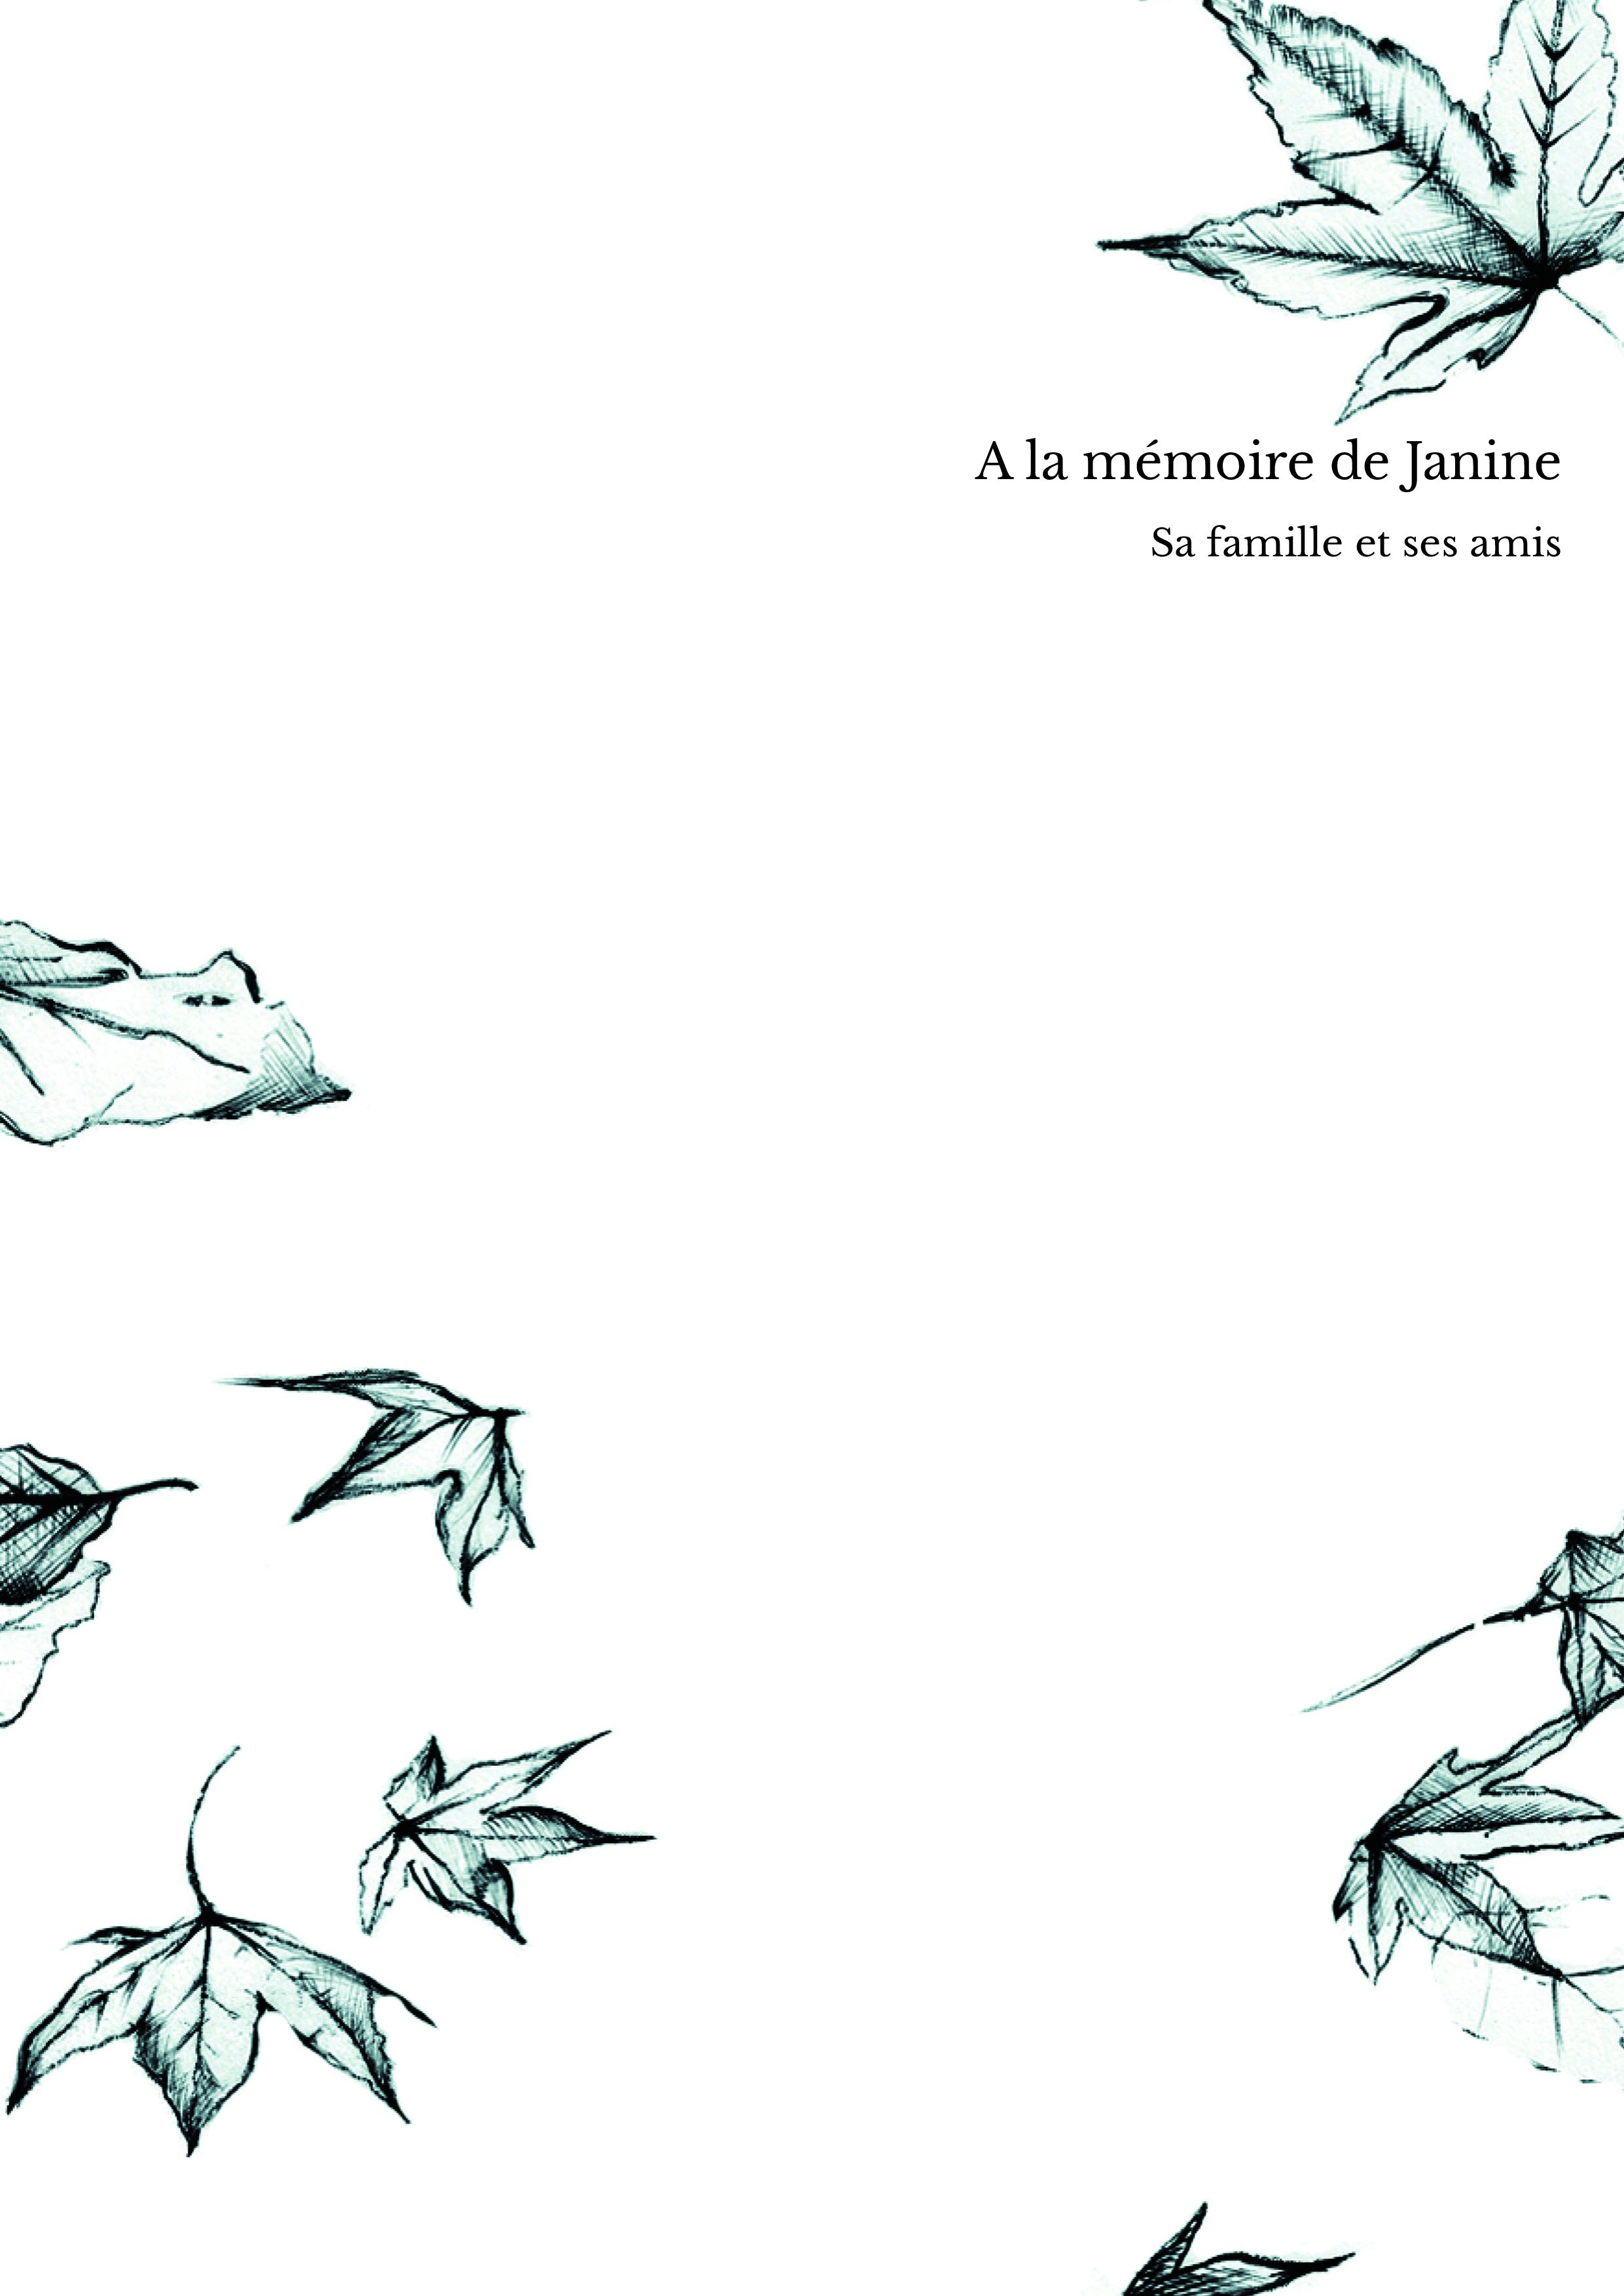 A la mémoire de Janine